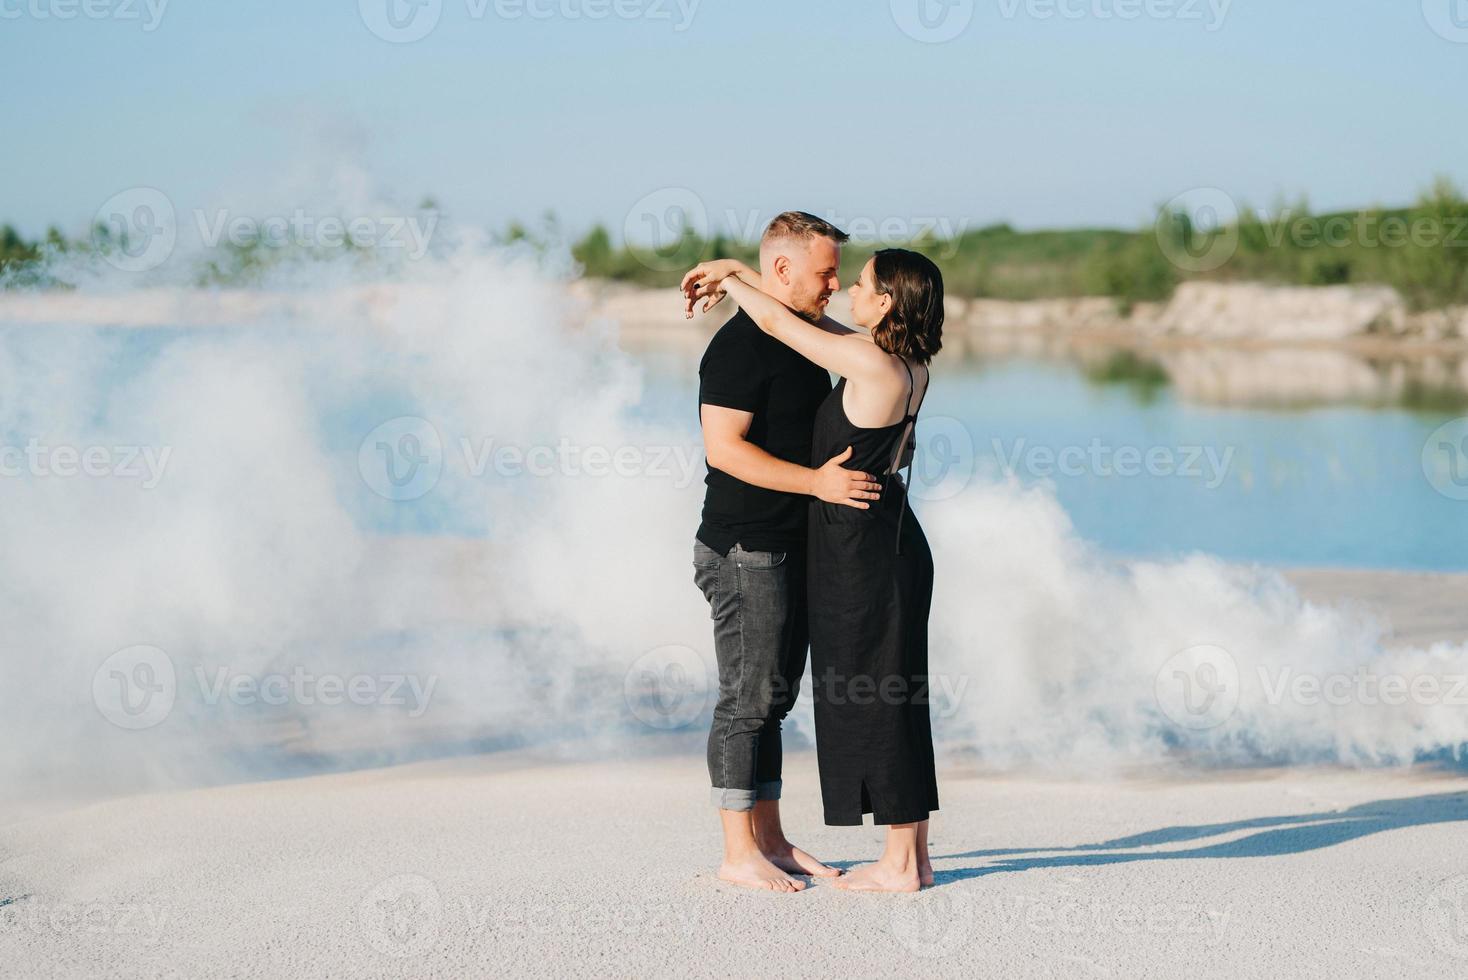 jongen en een meisje in zwarte kleding knuffelen in witte rook foto